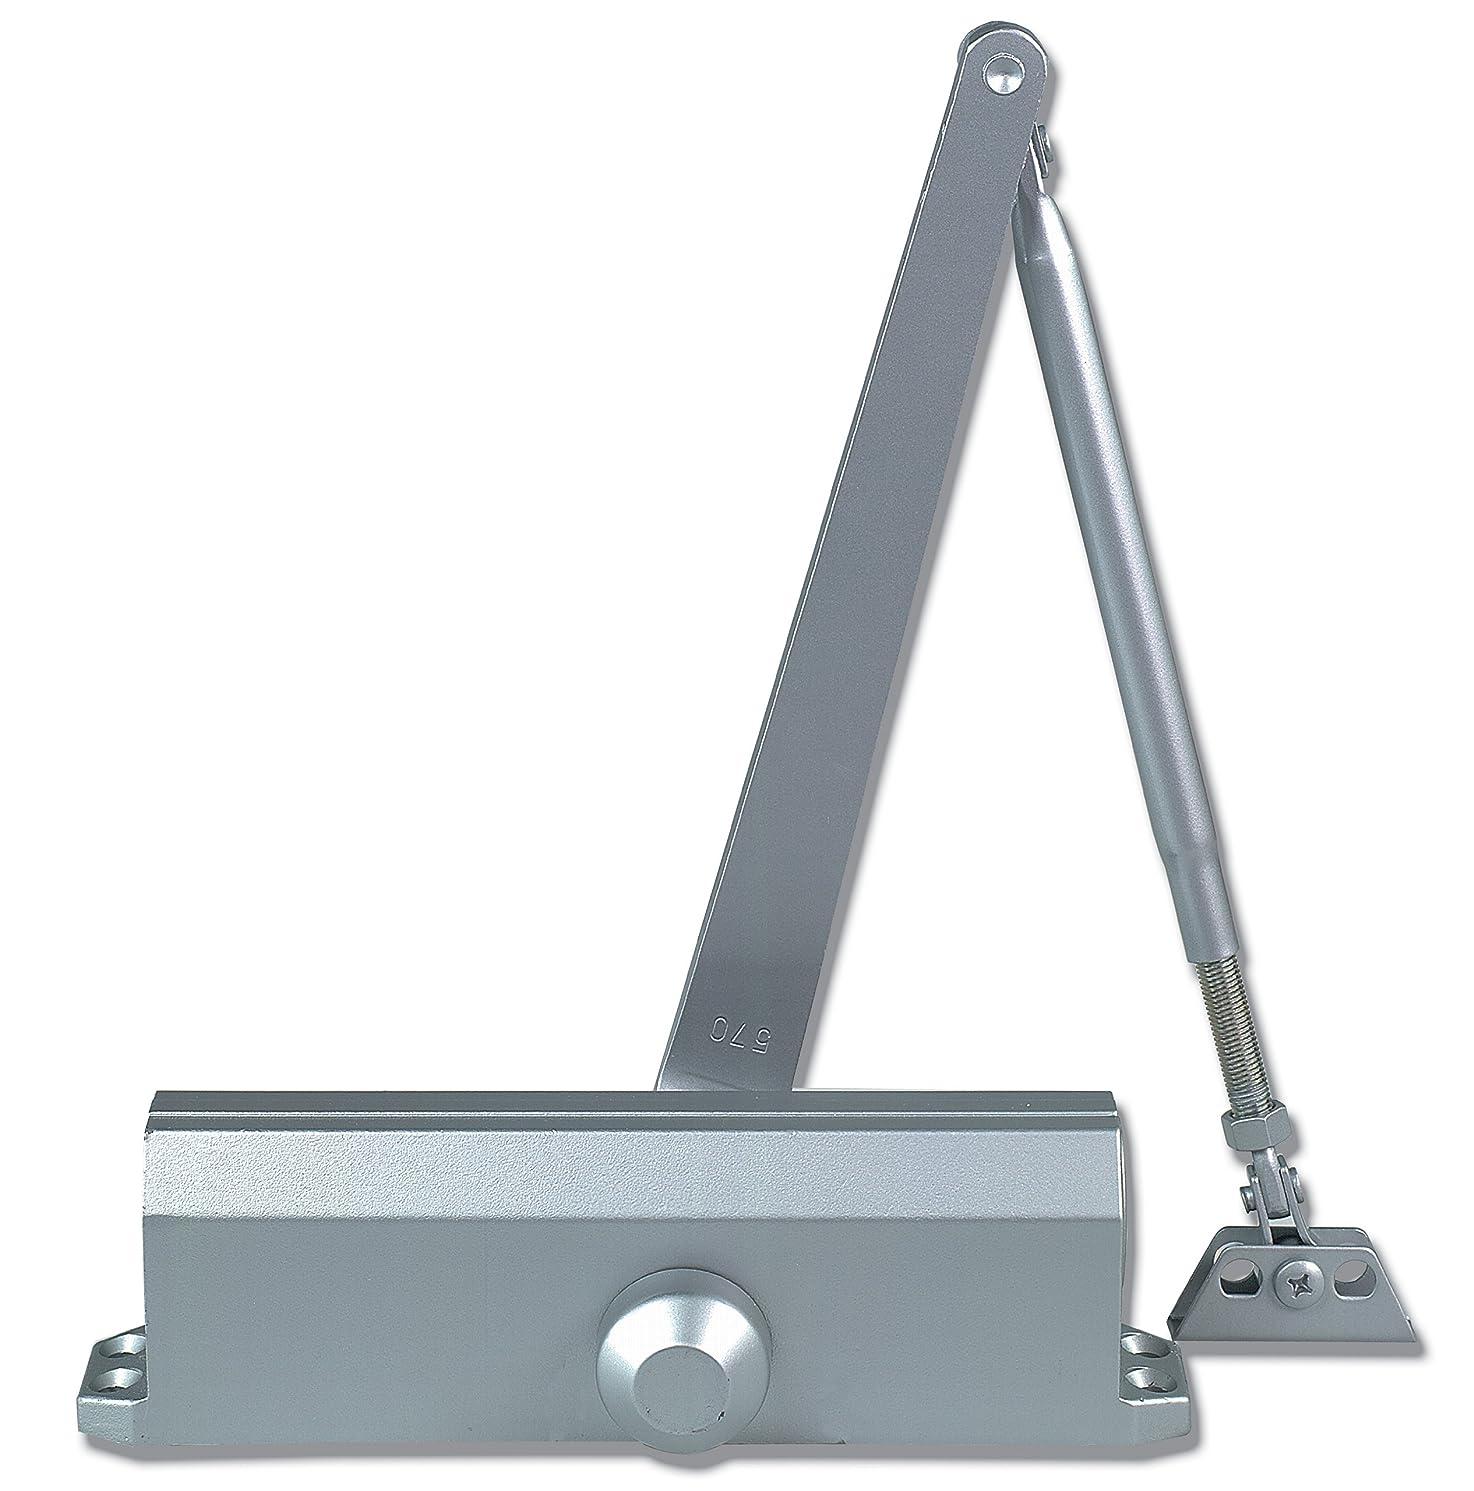 Global Door Controls Compact Commercial ADA Door Closer in Aluminum with Adjustable Spring Tension - Sizes 1-4